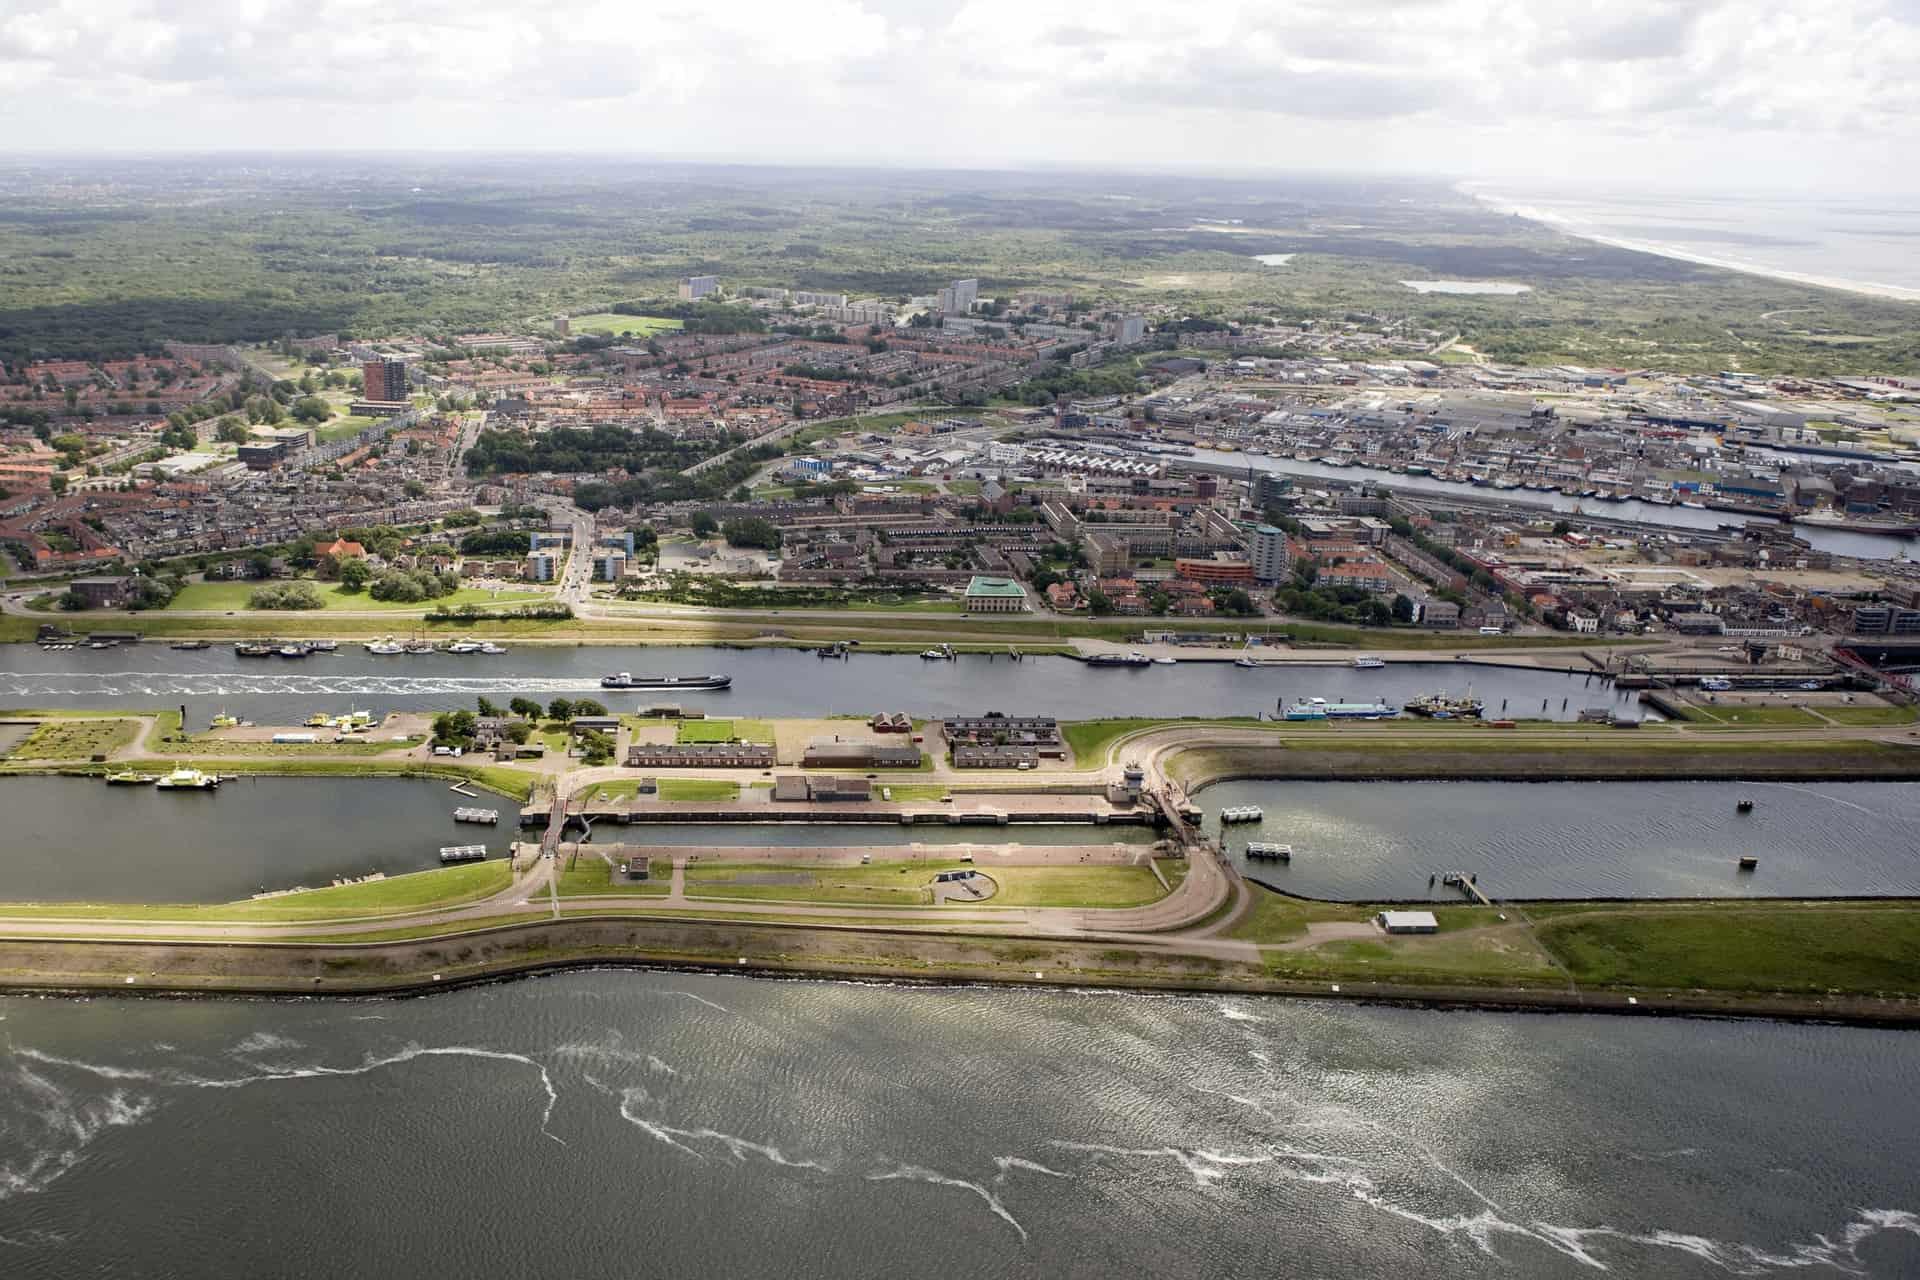 Van Pont tot Park- ideeën voor een aantrekkelijk centrumgebied in IJmuiden.